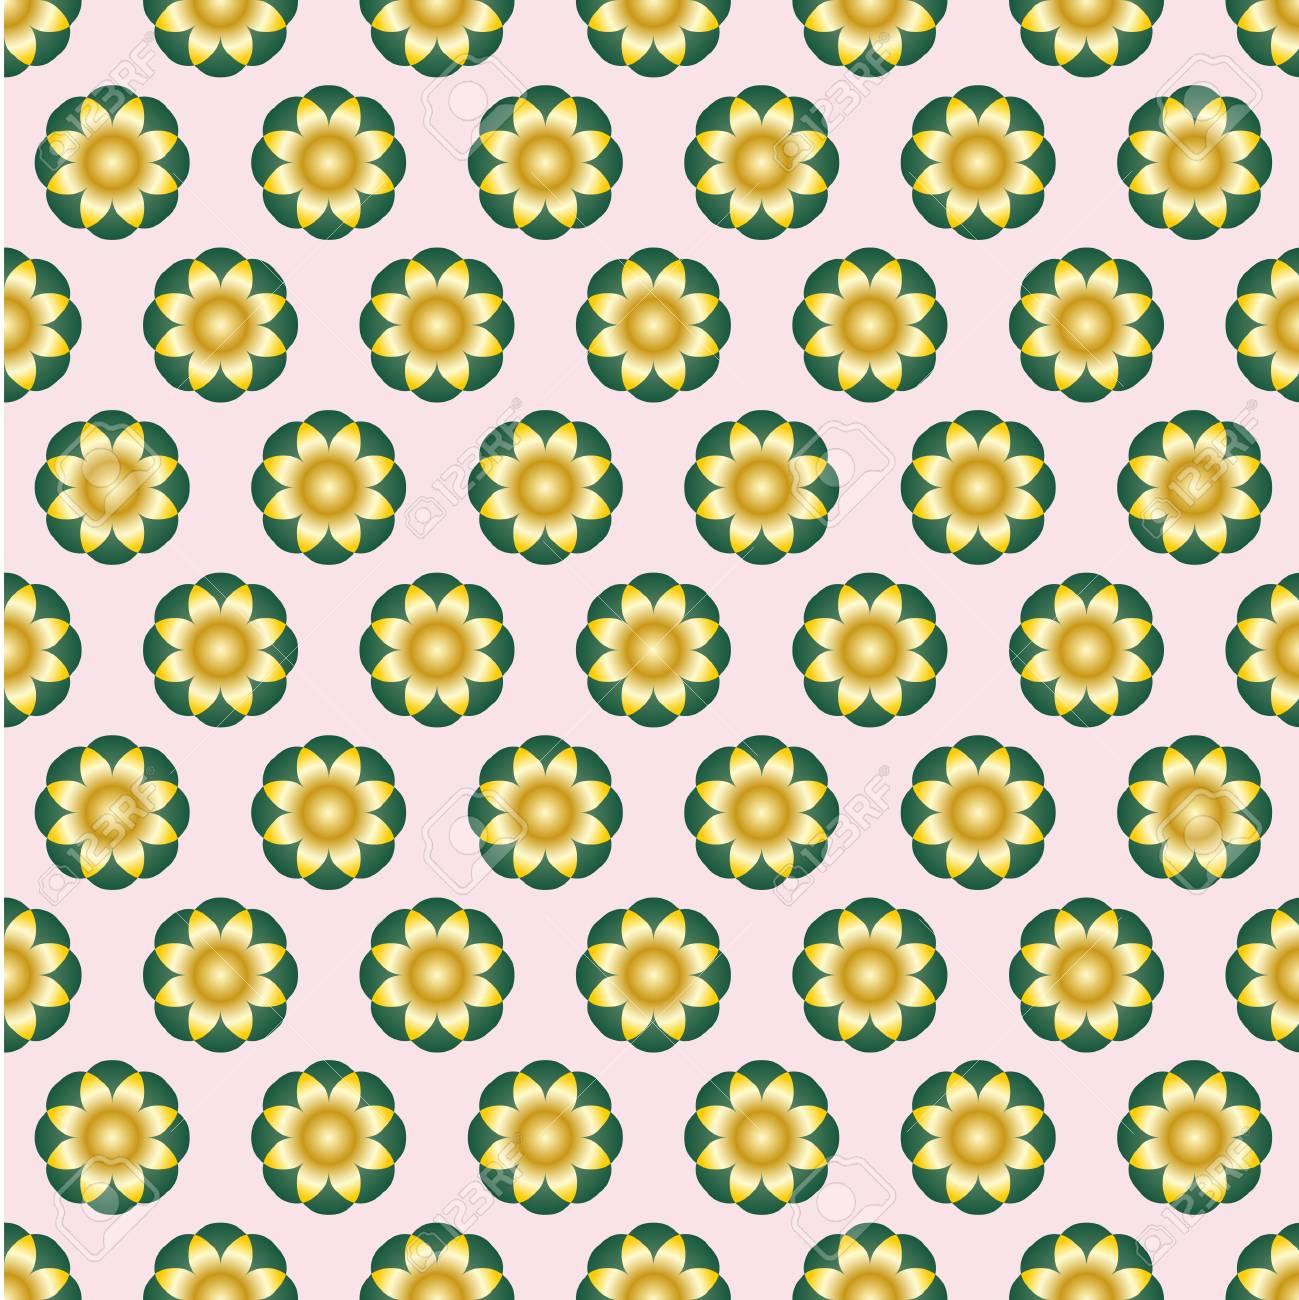 Vettoriale Forme Simmetriche Giallo Sfumato Su Sfondo Rosa Chiaro